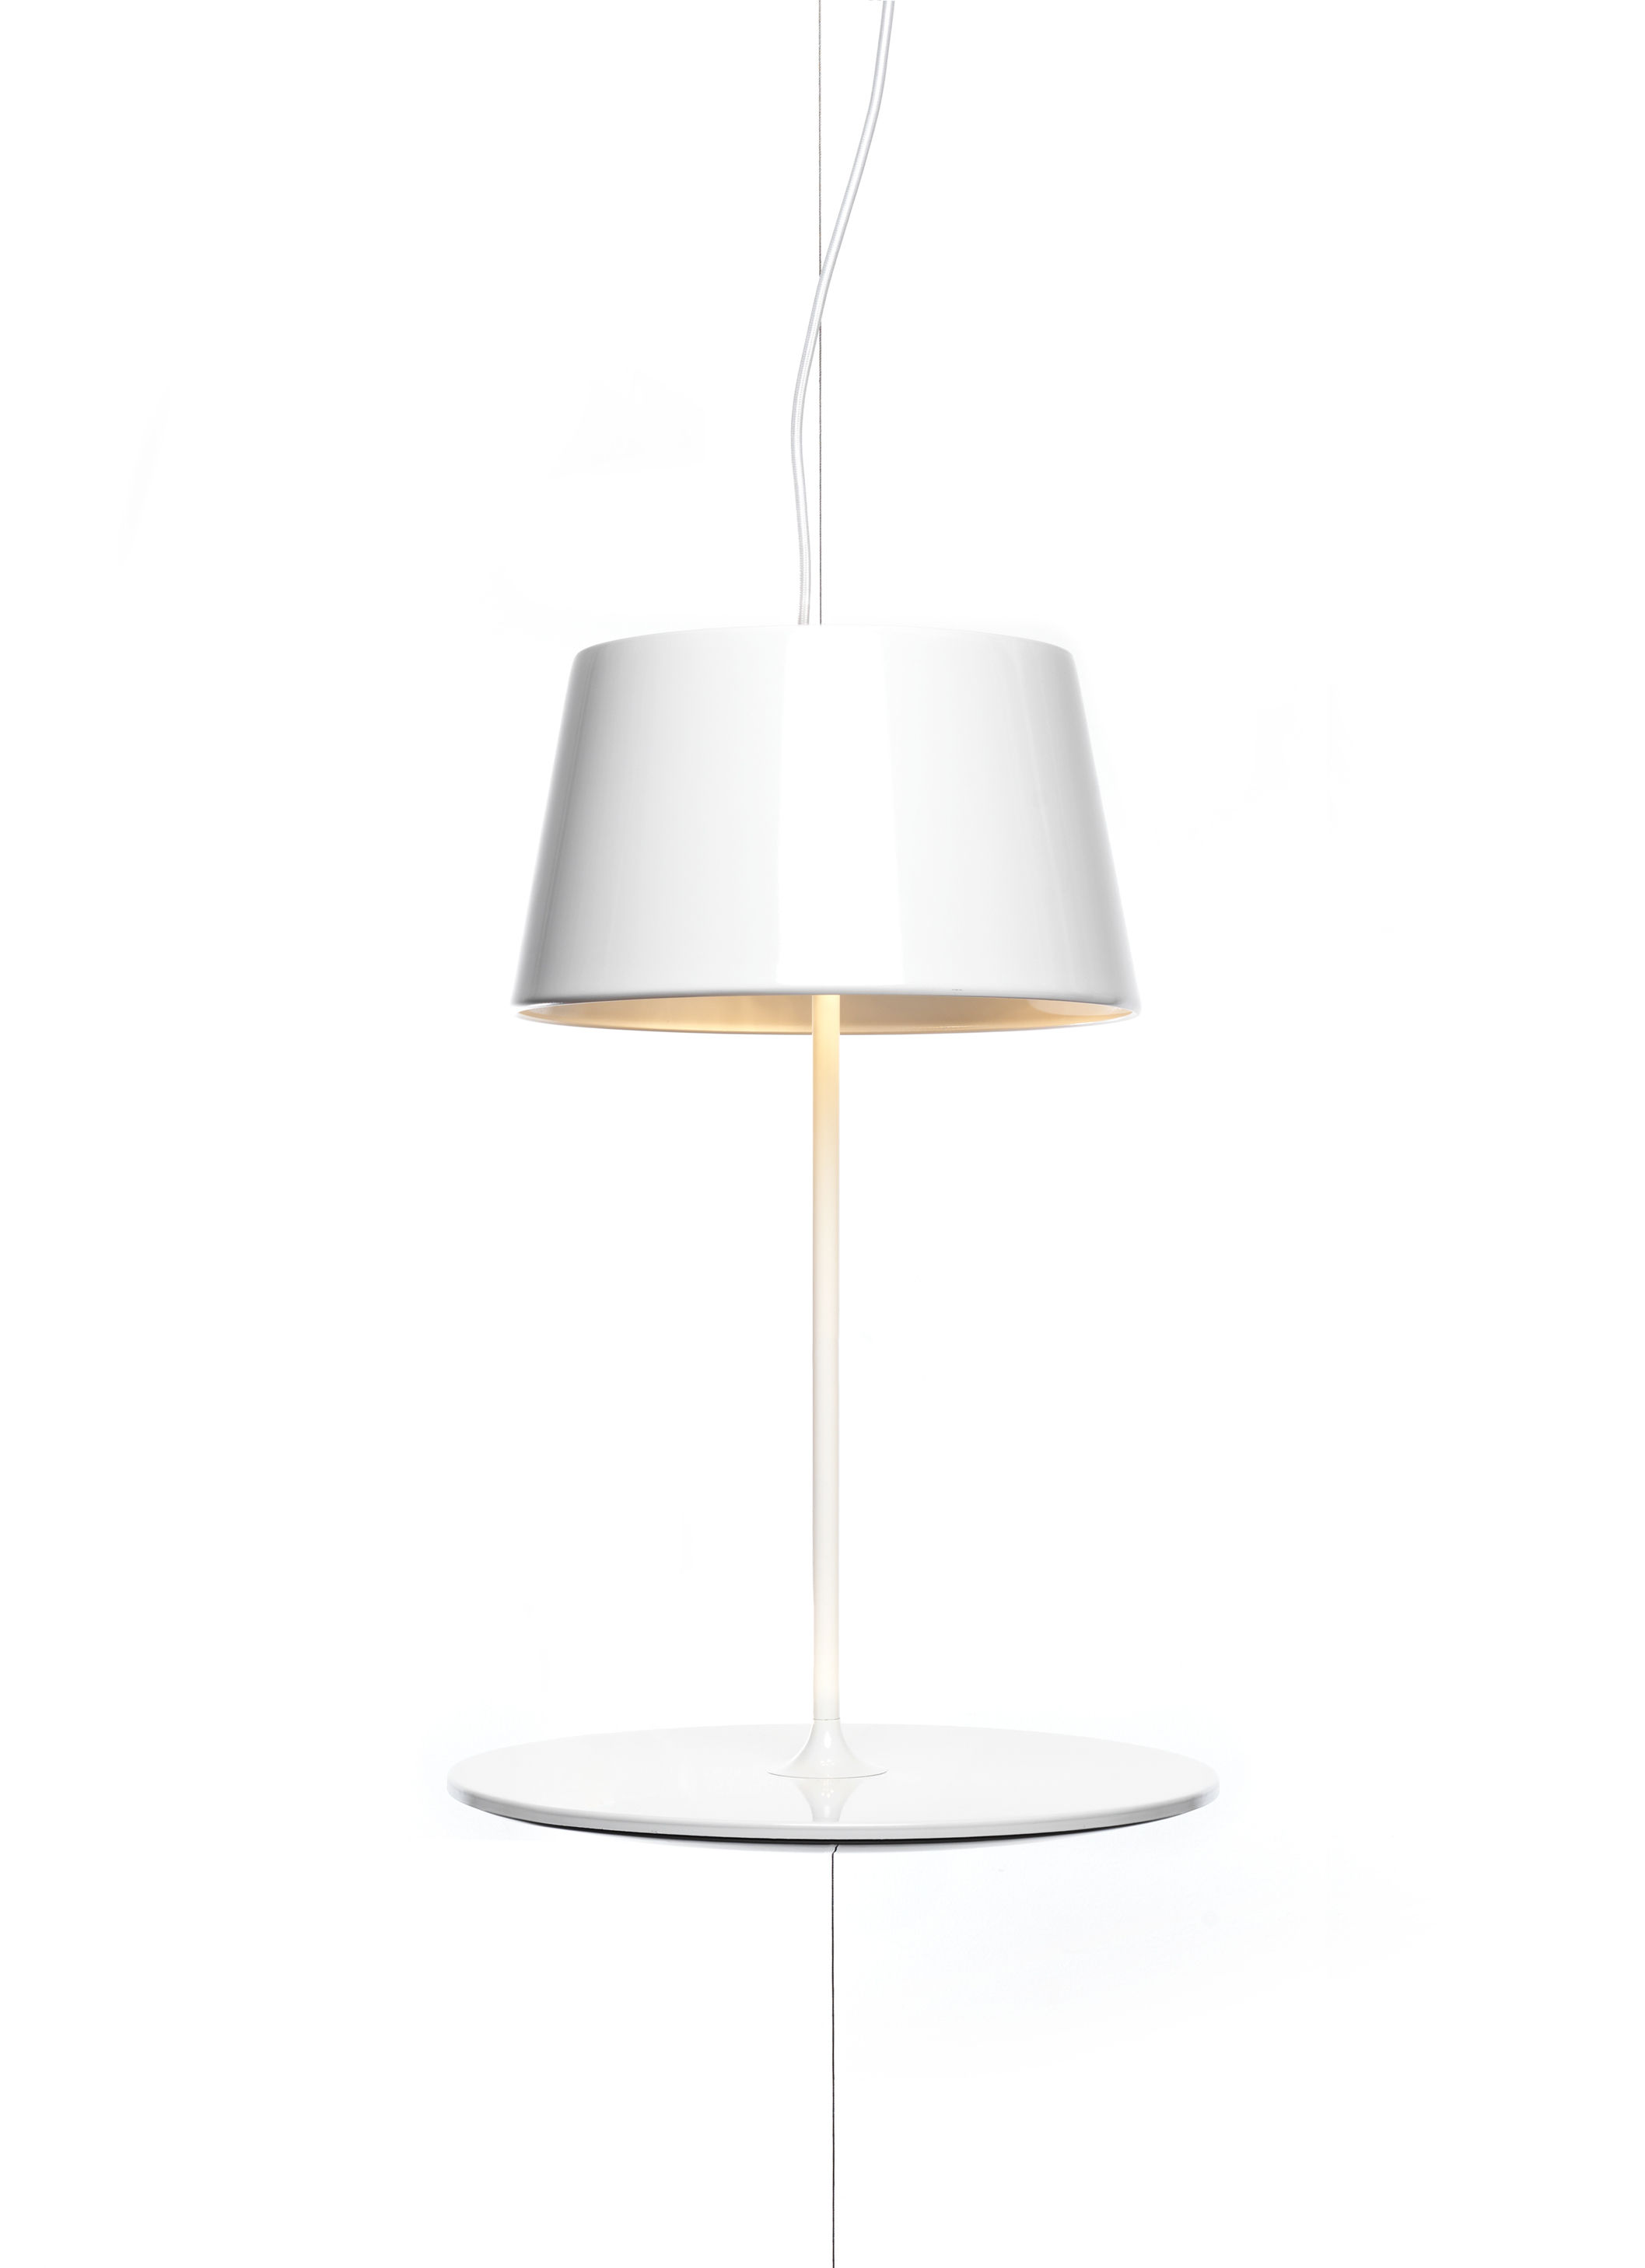 Leuchten - Pendelleuchten - Illusion Pendelleuchte Hängelampe/Beistelltisch - Northern  - Weiß - lackierter Stahl, lackiertes Aluminium